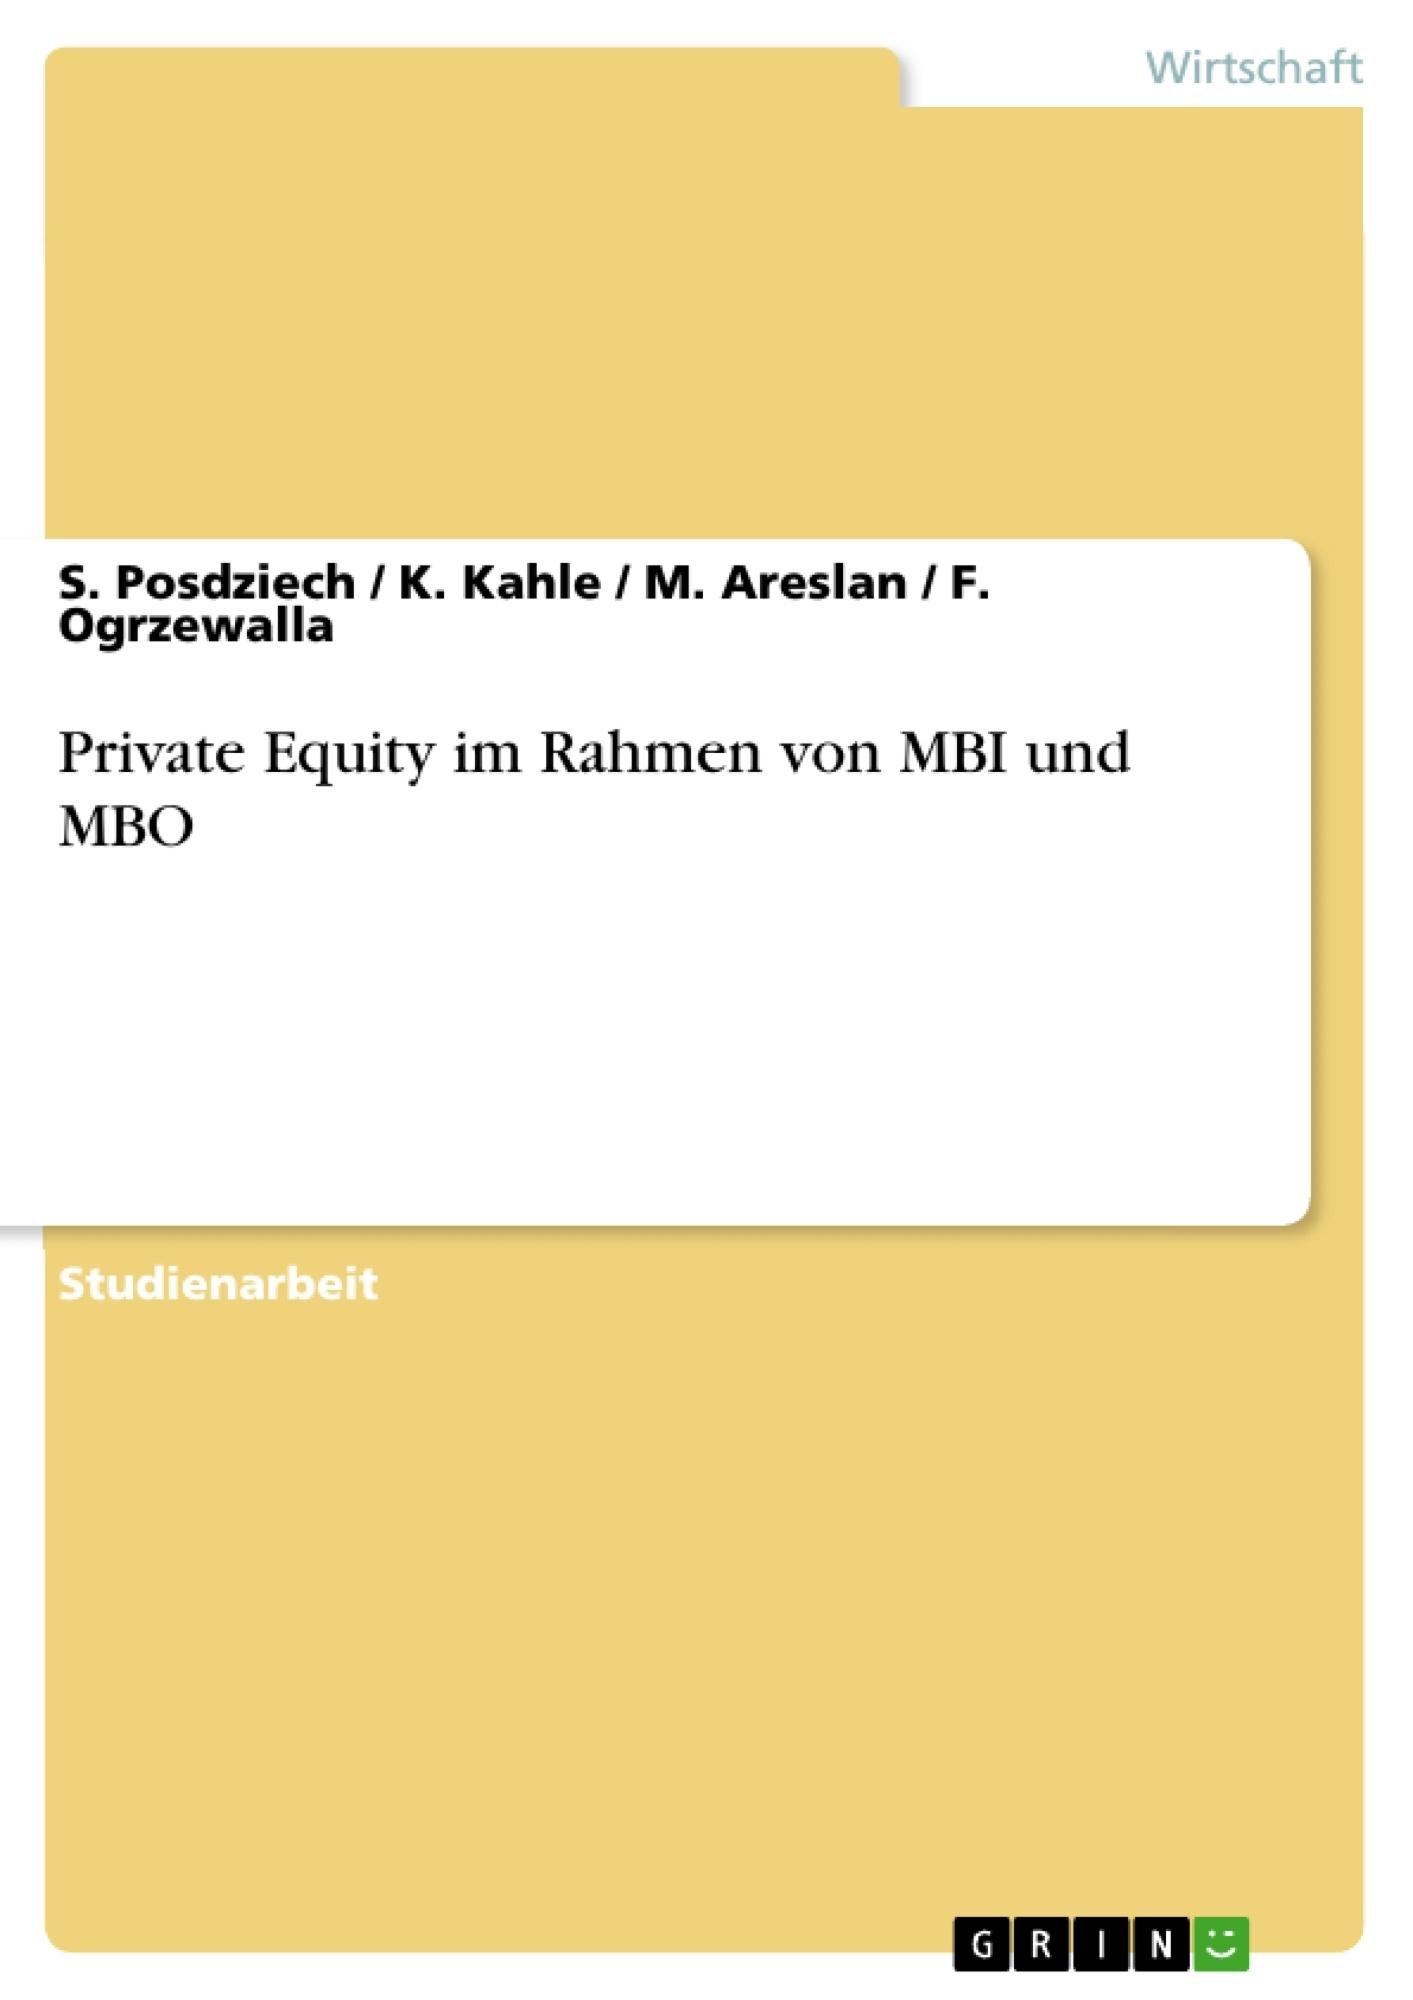 Titel: Private Equity im Rahmen von MBI und MBO